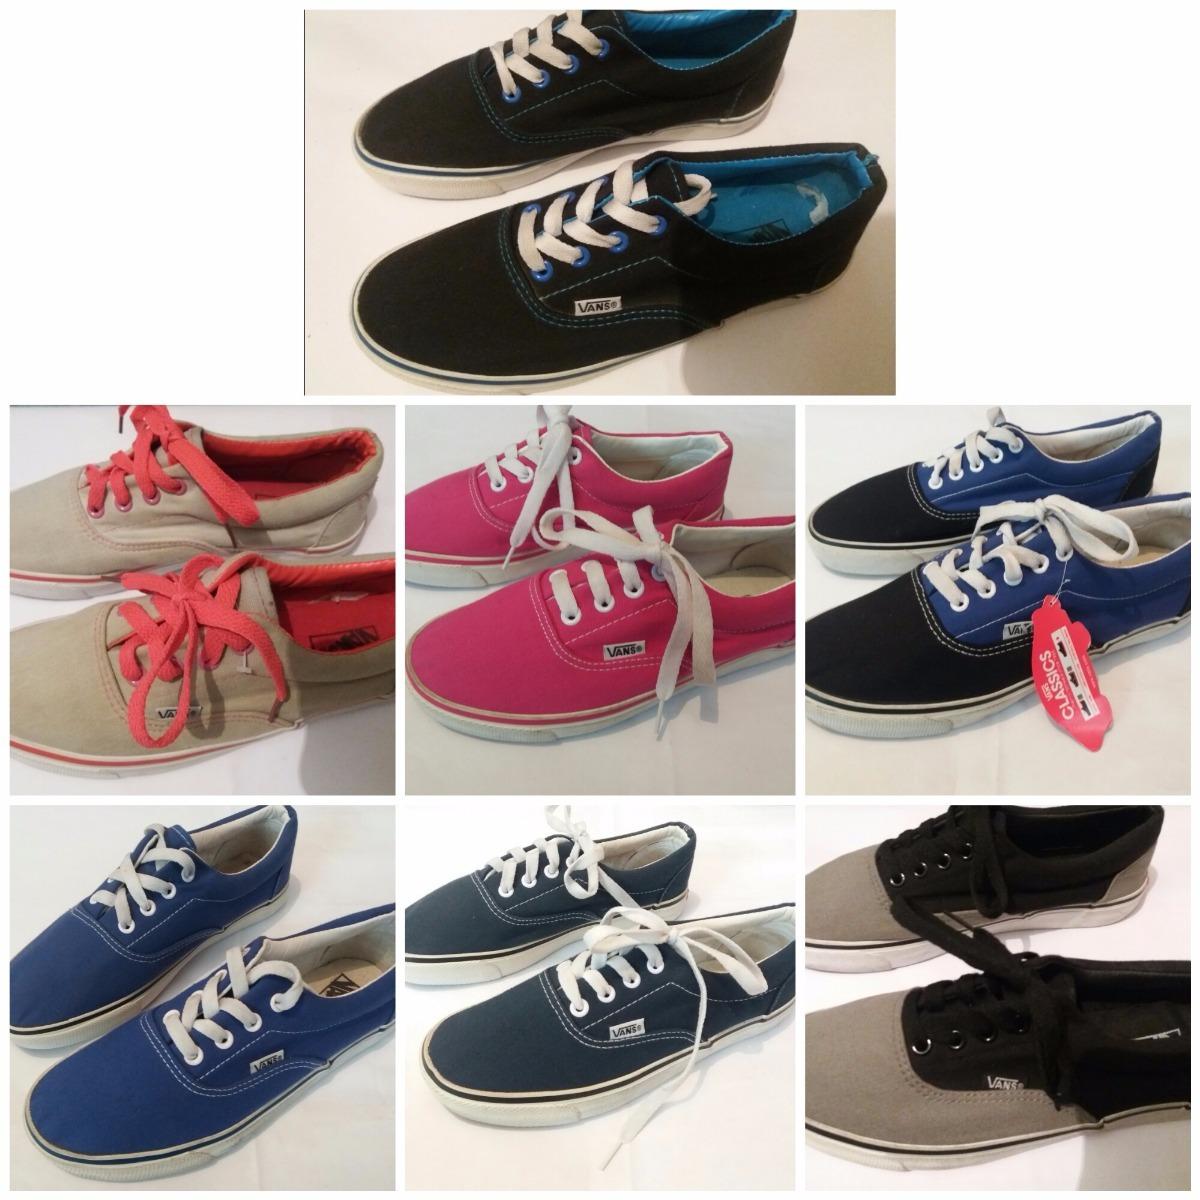 Zapatos Bs 25 Con Mercado En Libre 00 000 Oferta Vans Detalles rqY7Xrw 42e9116553dc